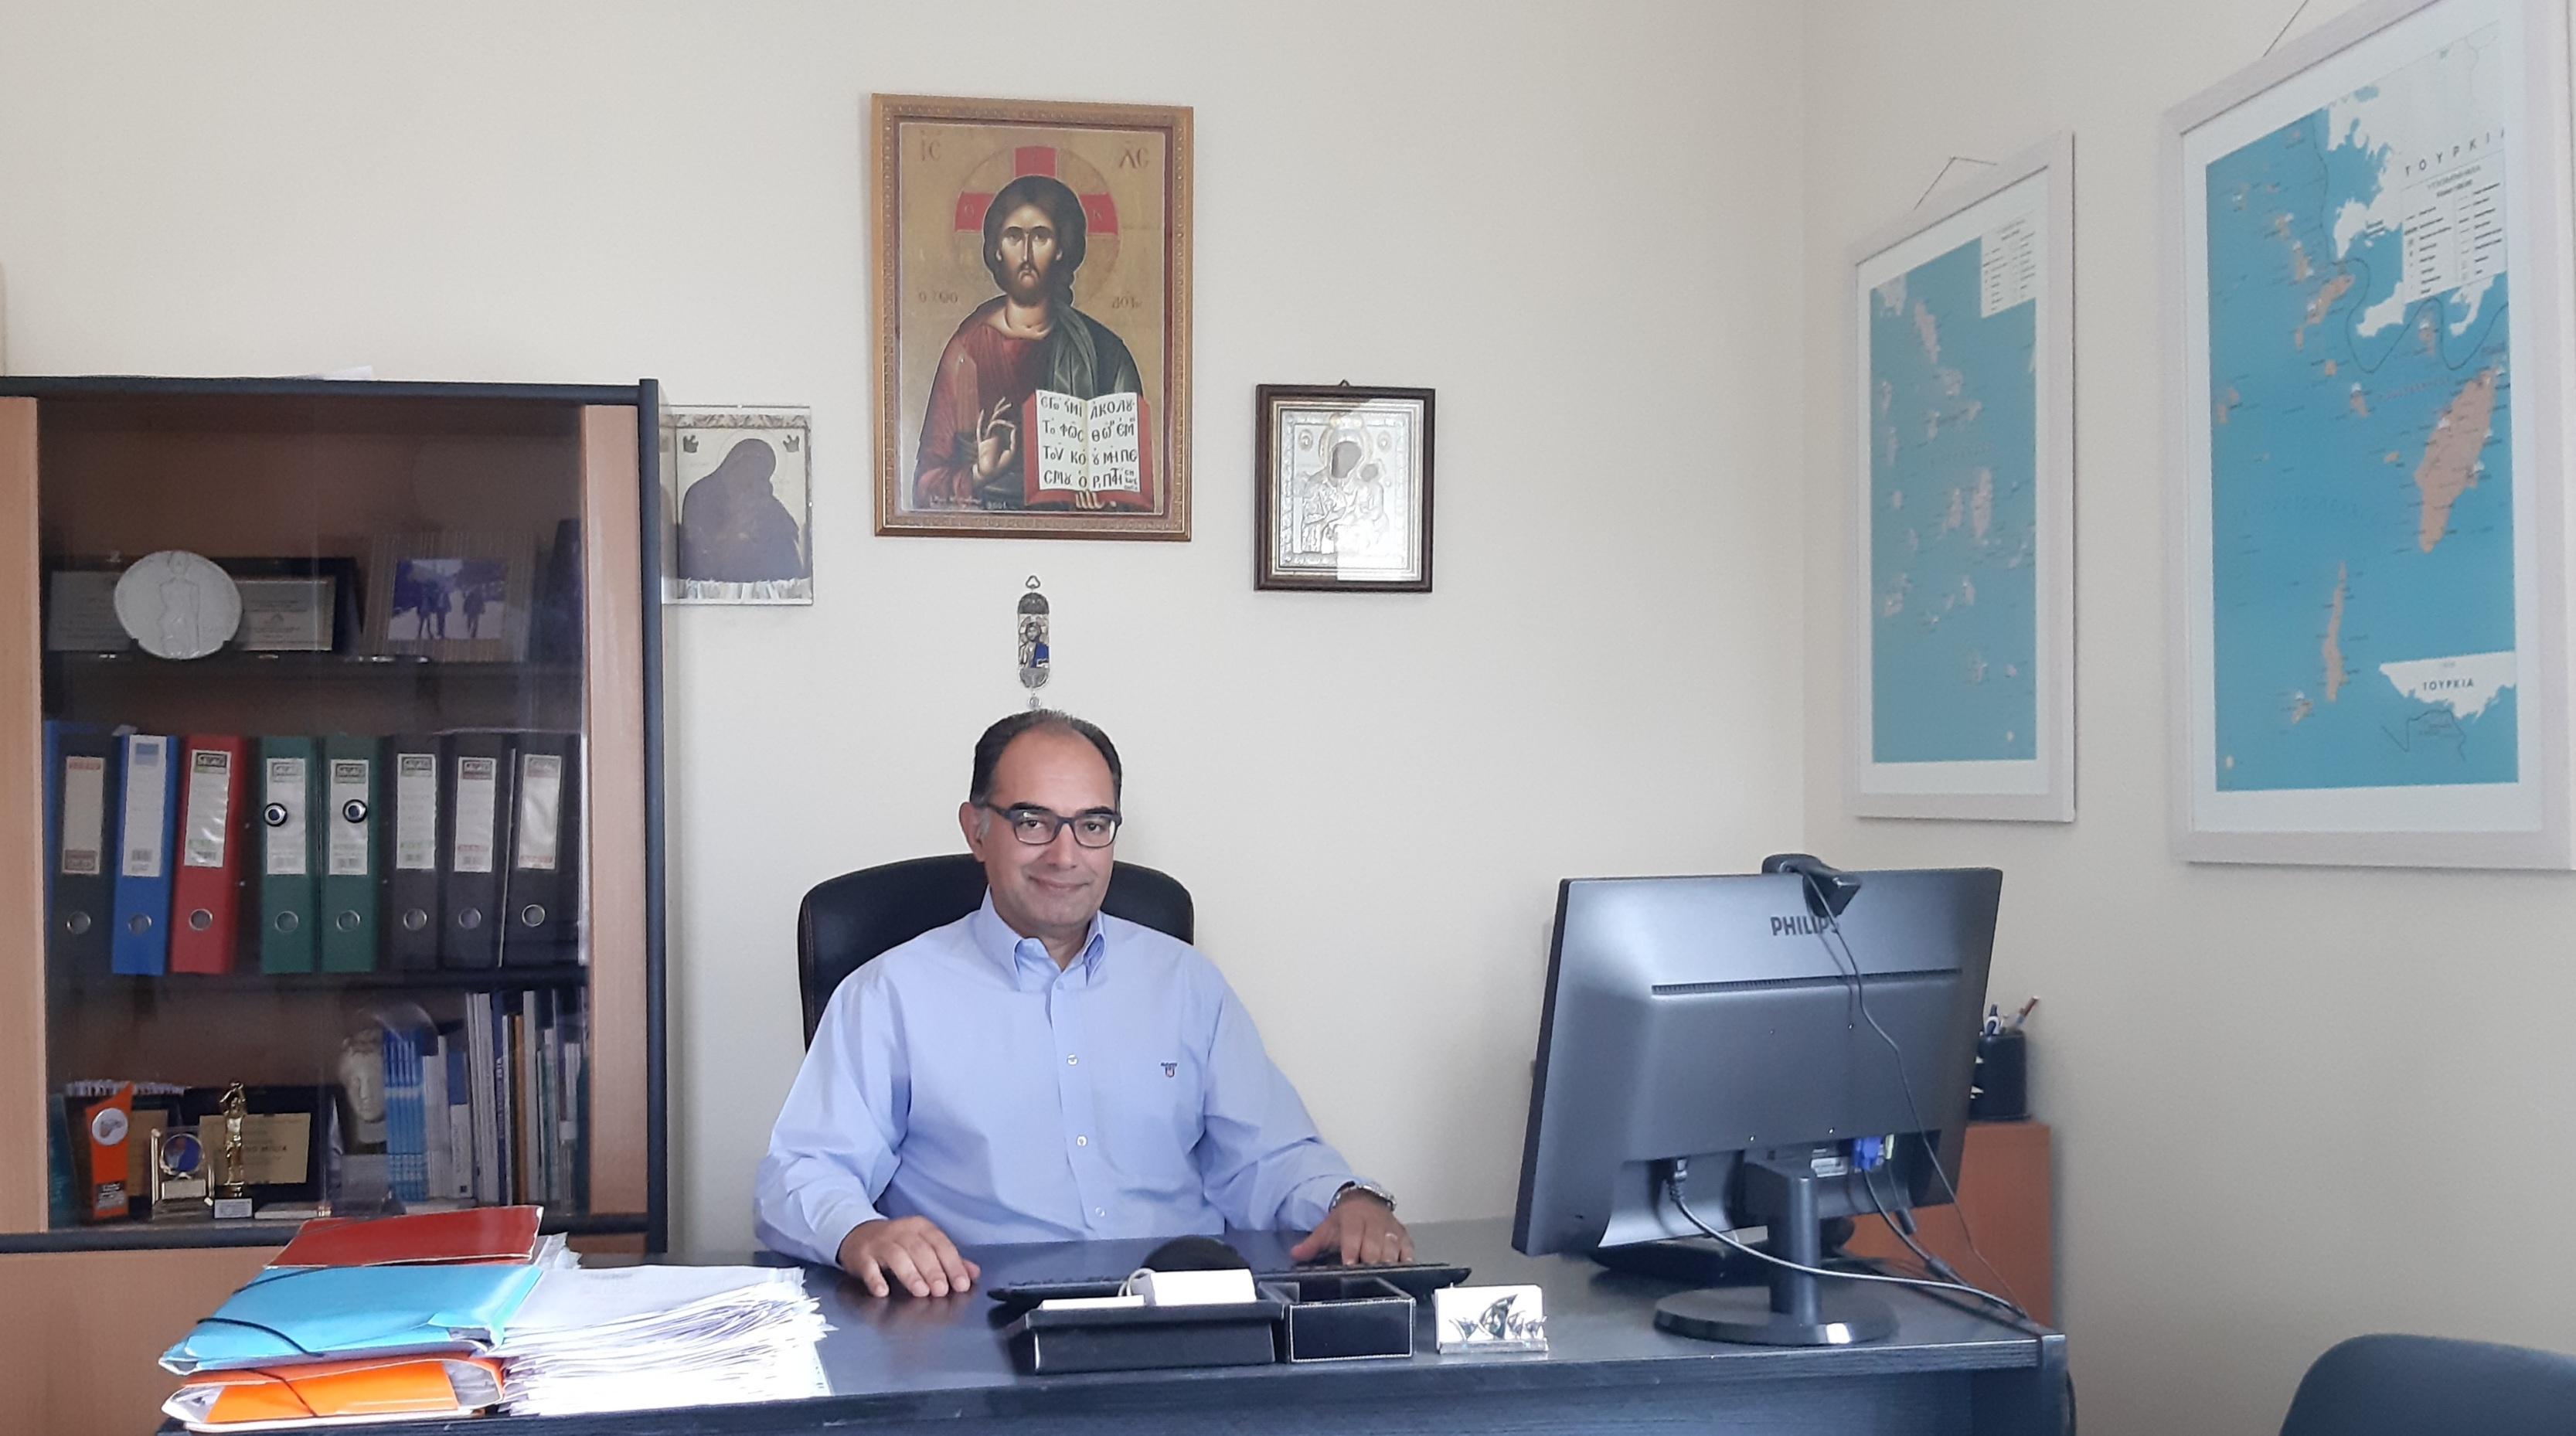 Ανακοίνωση Κώστα Μπιζά με αφορμή τις αλλαγές στο Διοικητικό σχήμα της Περιφέρειας